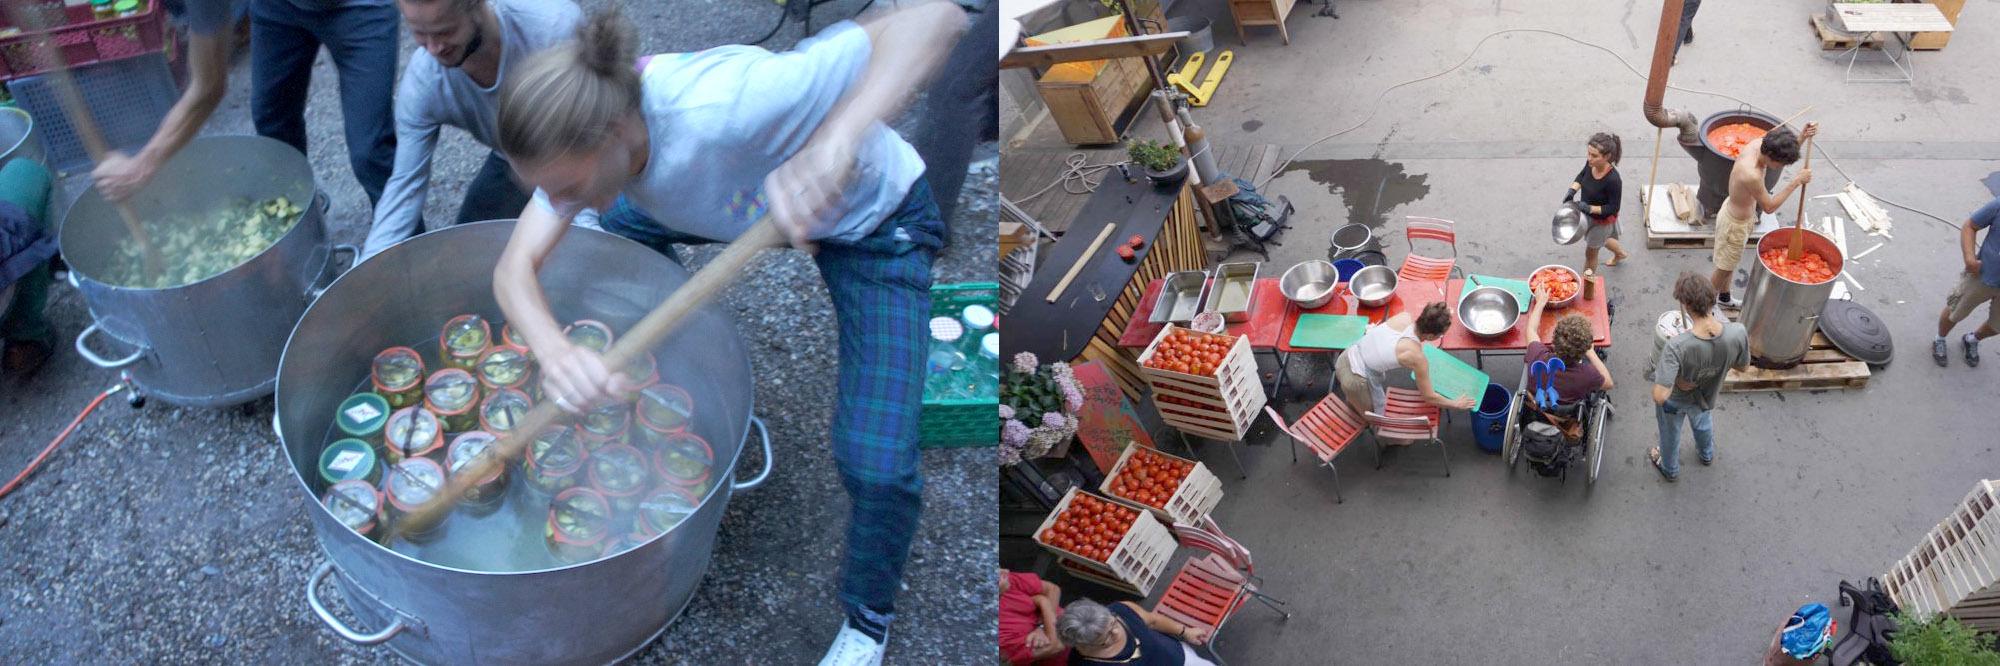 Mobile Rüst- / Einmach- / Fermentier-Küche – gemeinsam vor Ort haltbar machen von (Wild-)Früchten aus der Nachbarschaft, von Ernteüberschüssen u.v.m.